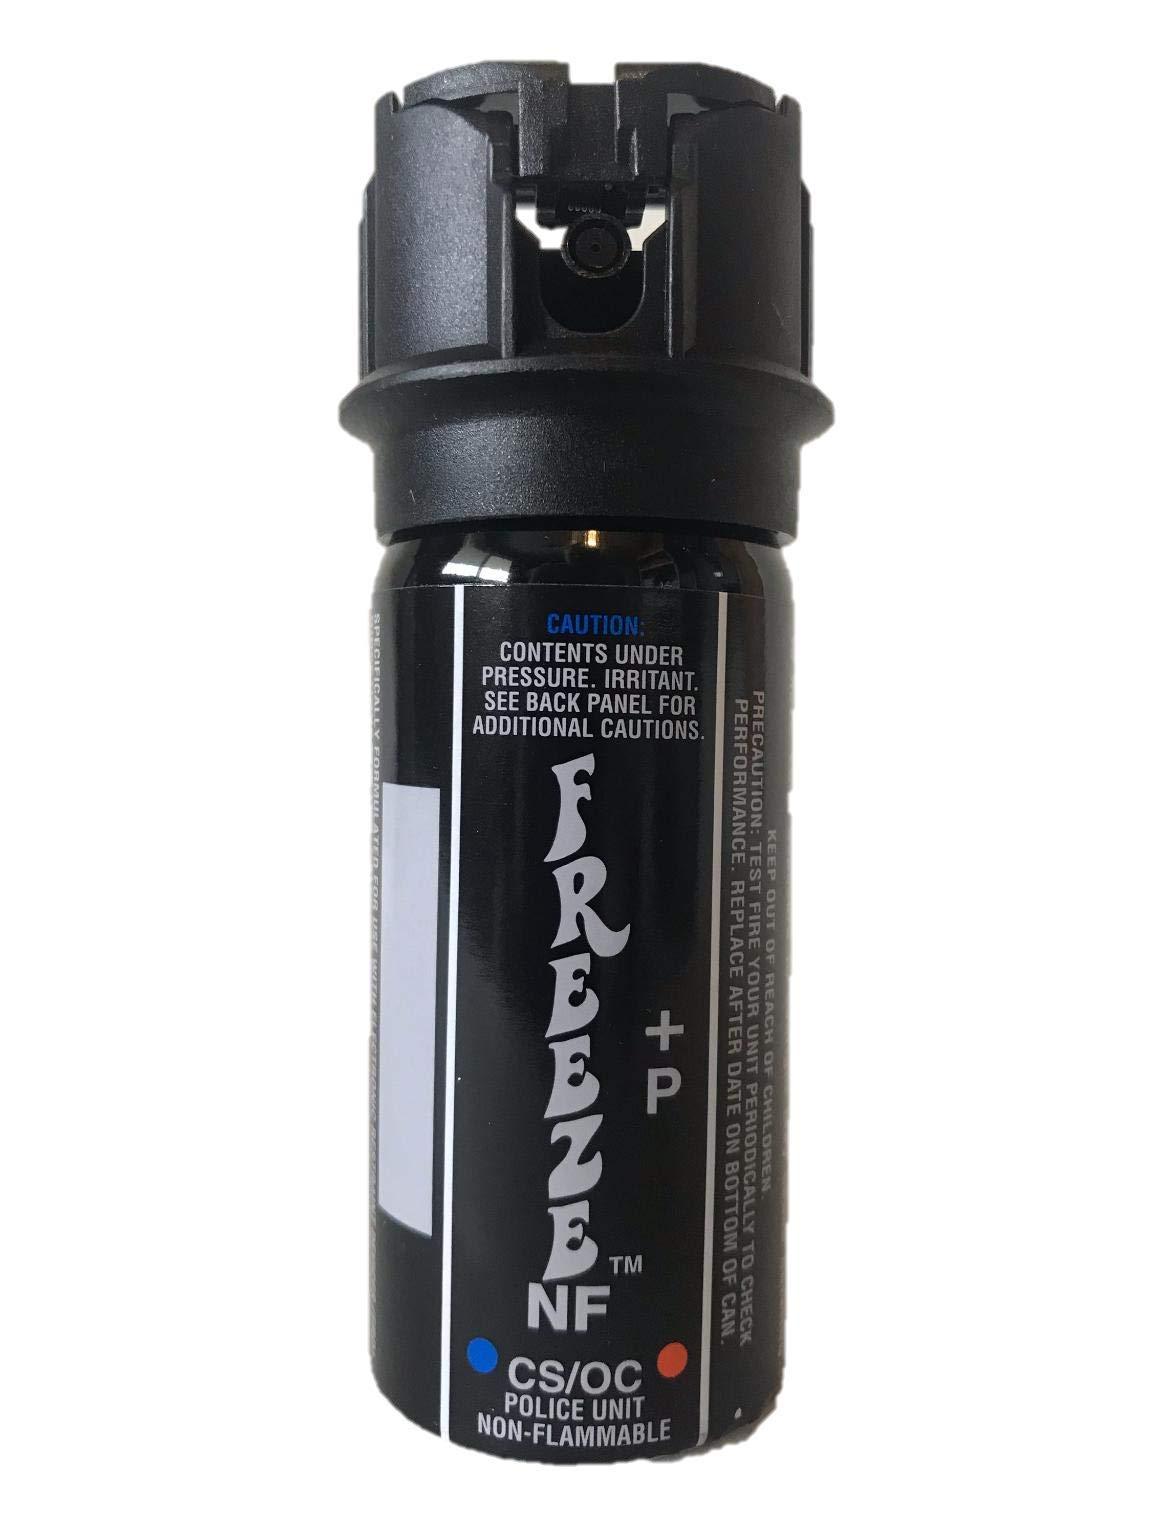 Freeze +P Pepper Spray (NF) - 2 oz Stream (Flip Top)